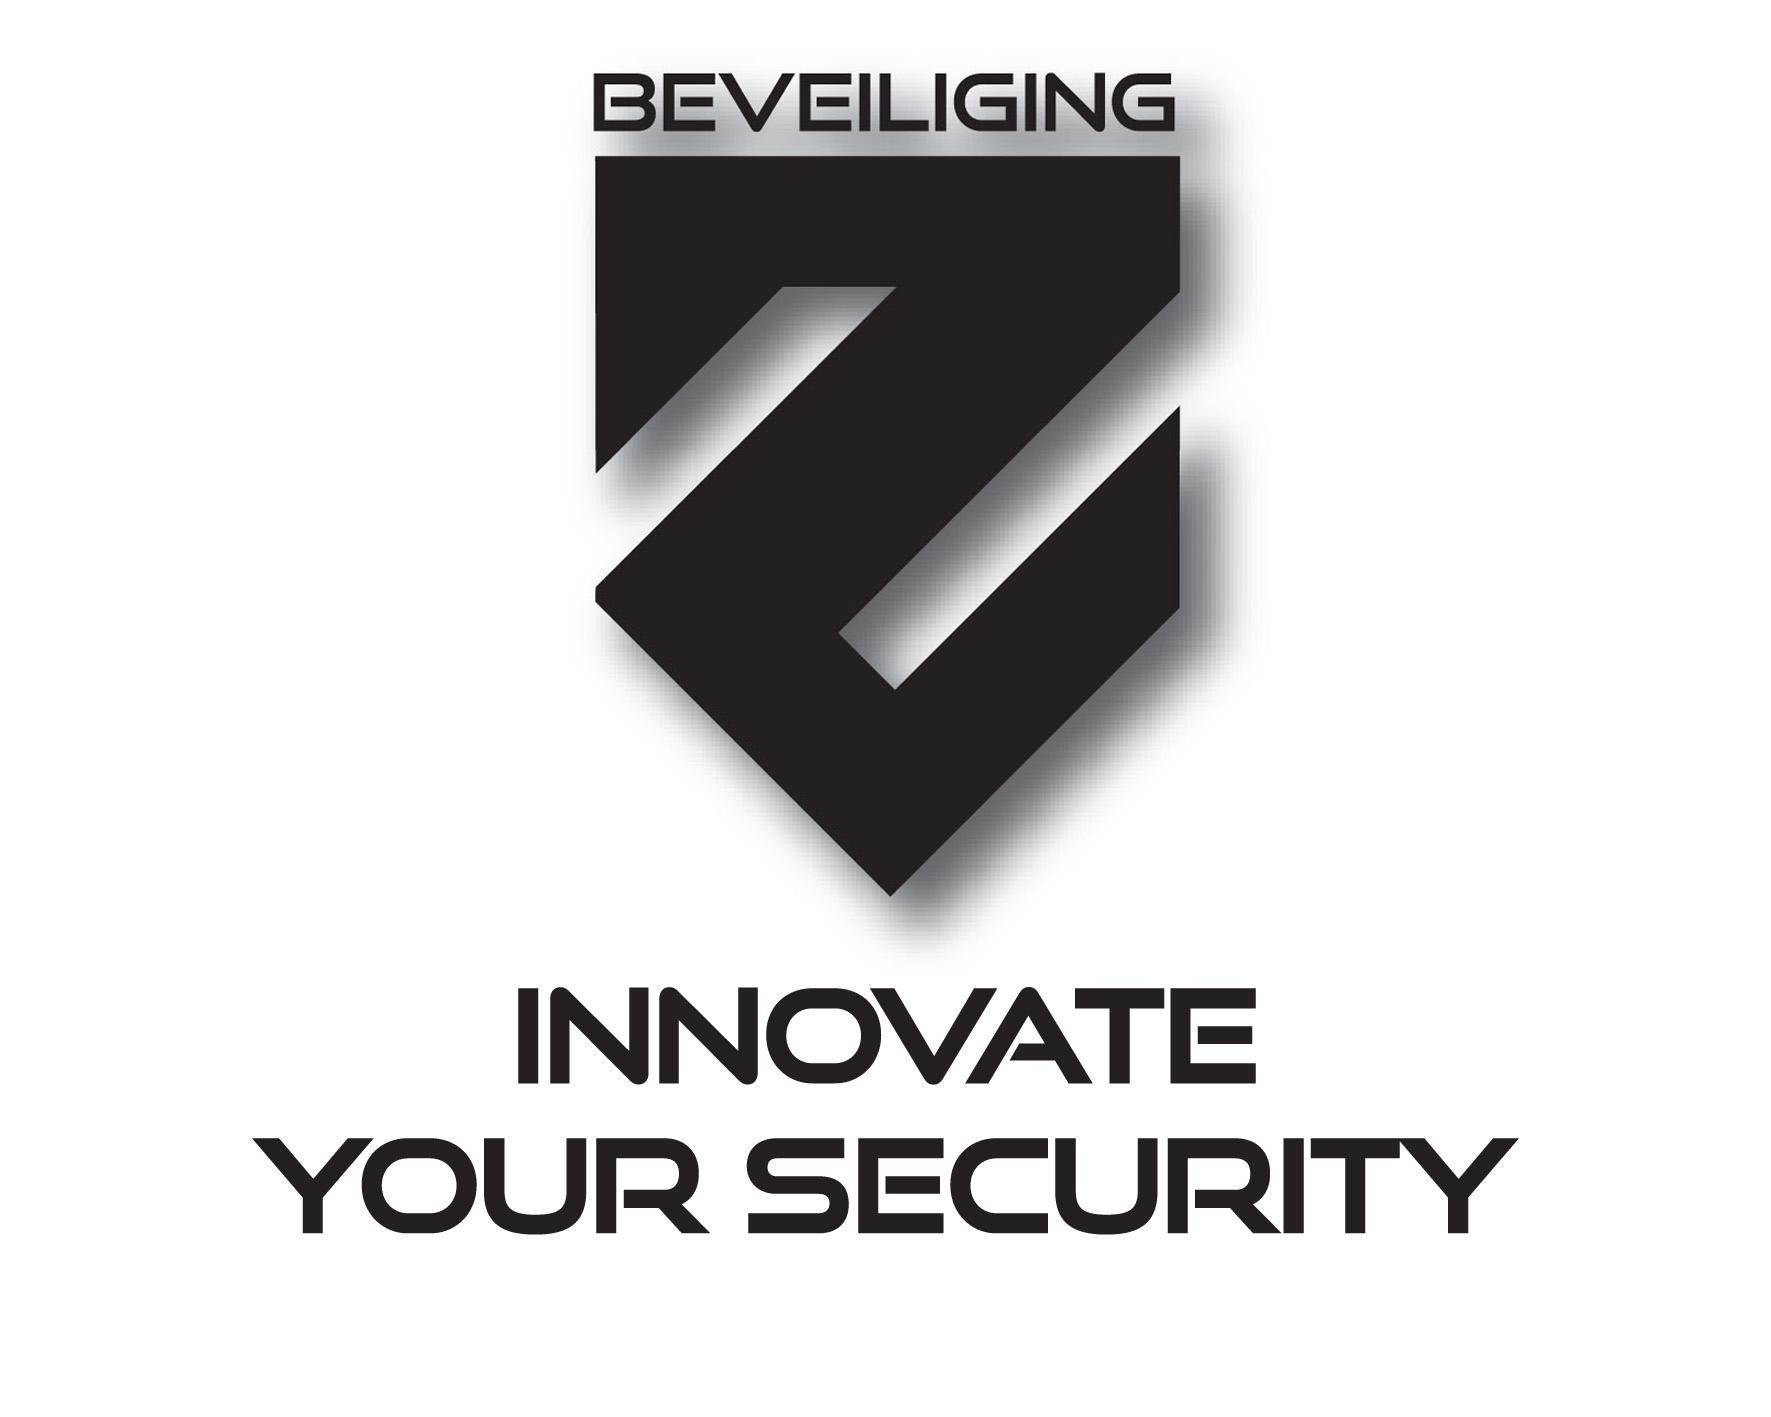 beveilingsbedrijf z-beveiliging logo